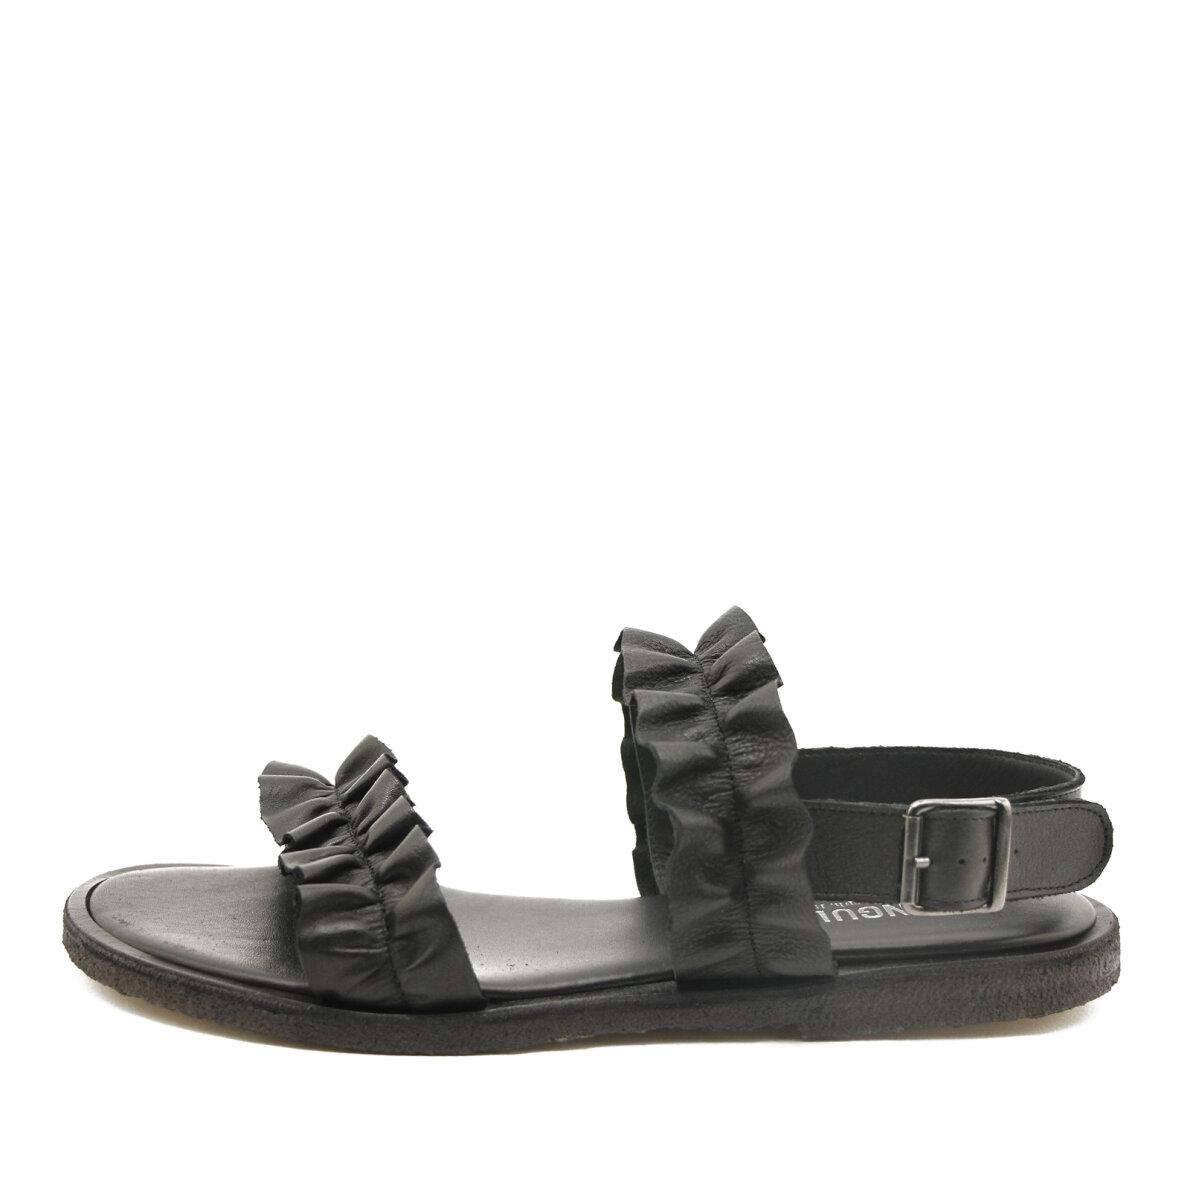 a190e4e98d9e Angulus - Angulus 5558 sort dame sandal med flæser ...